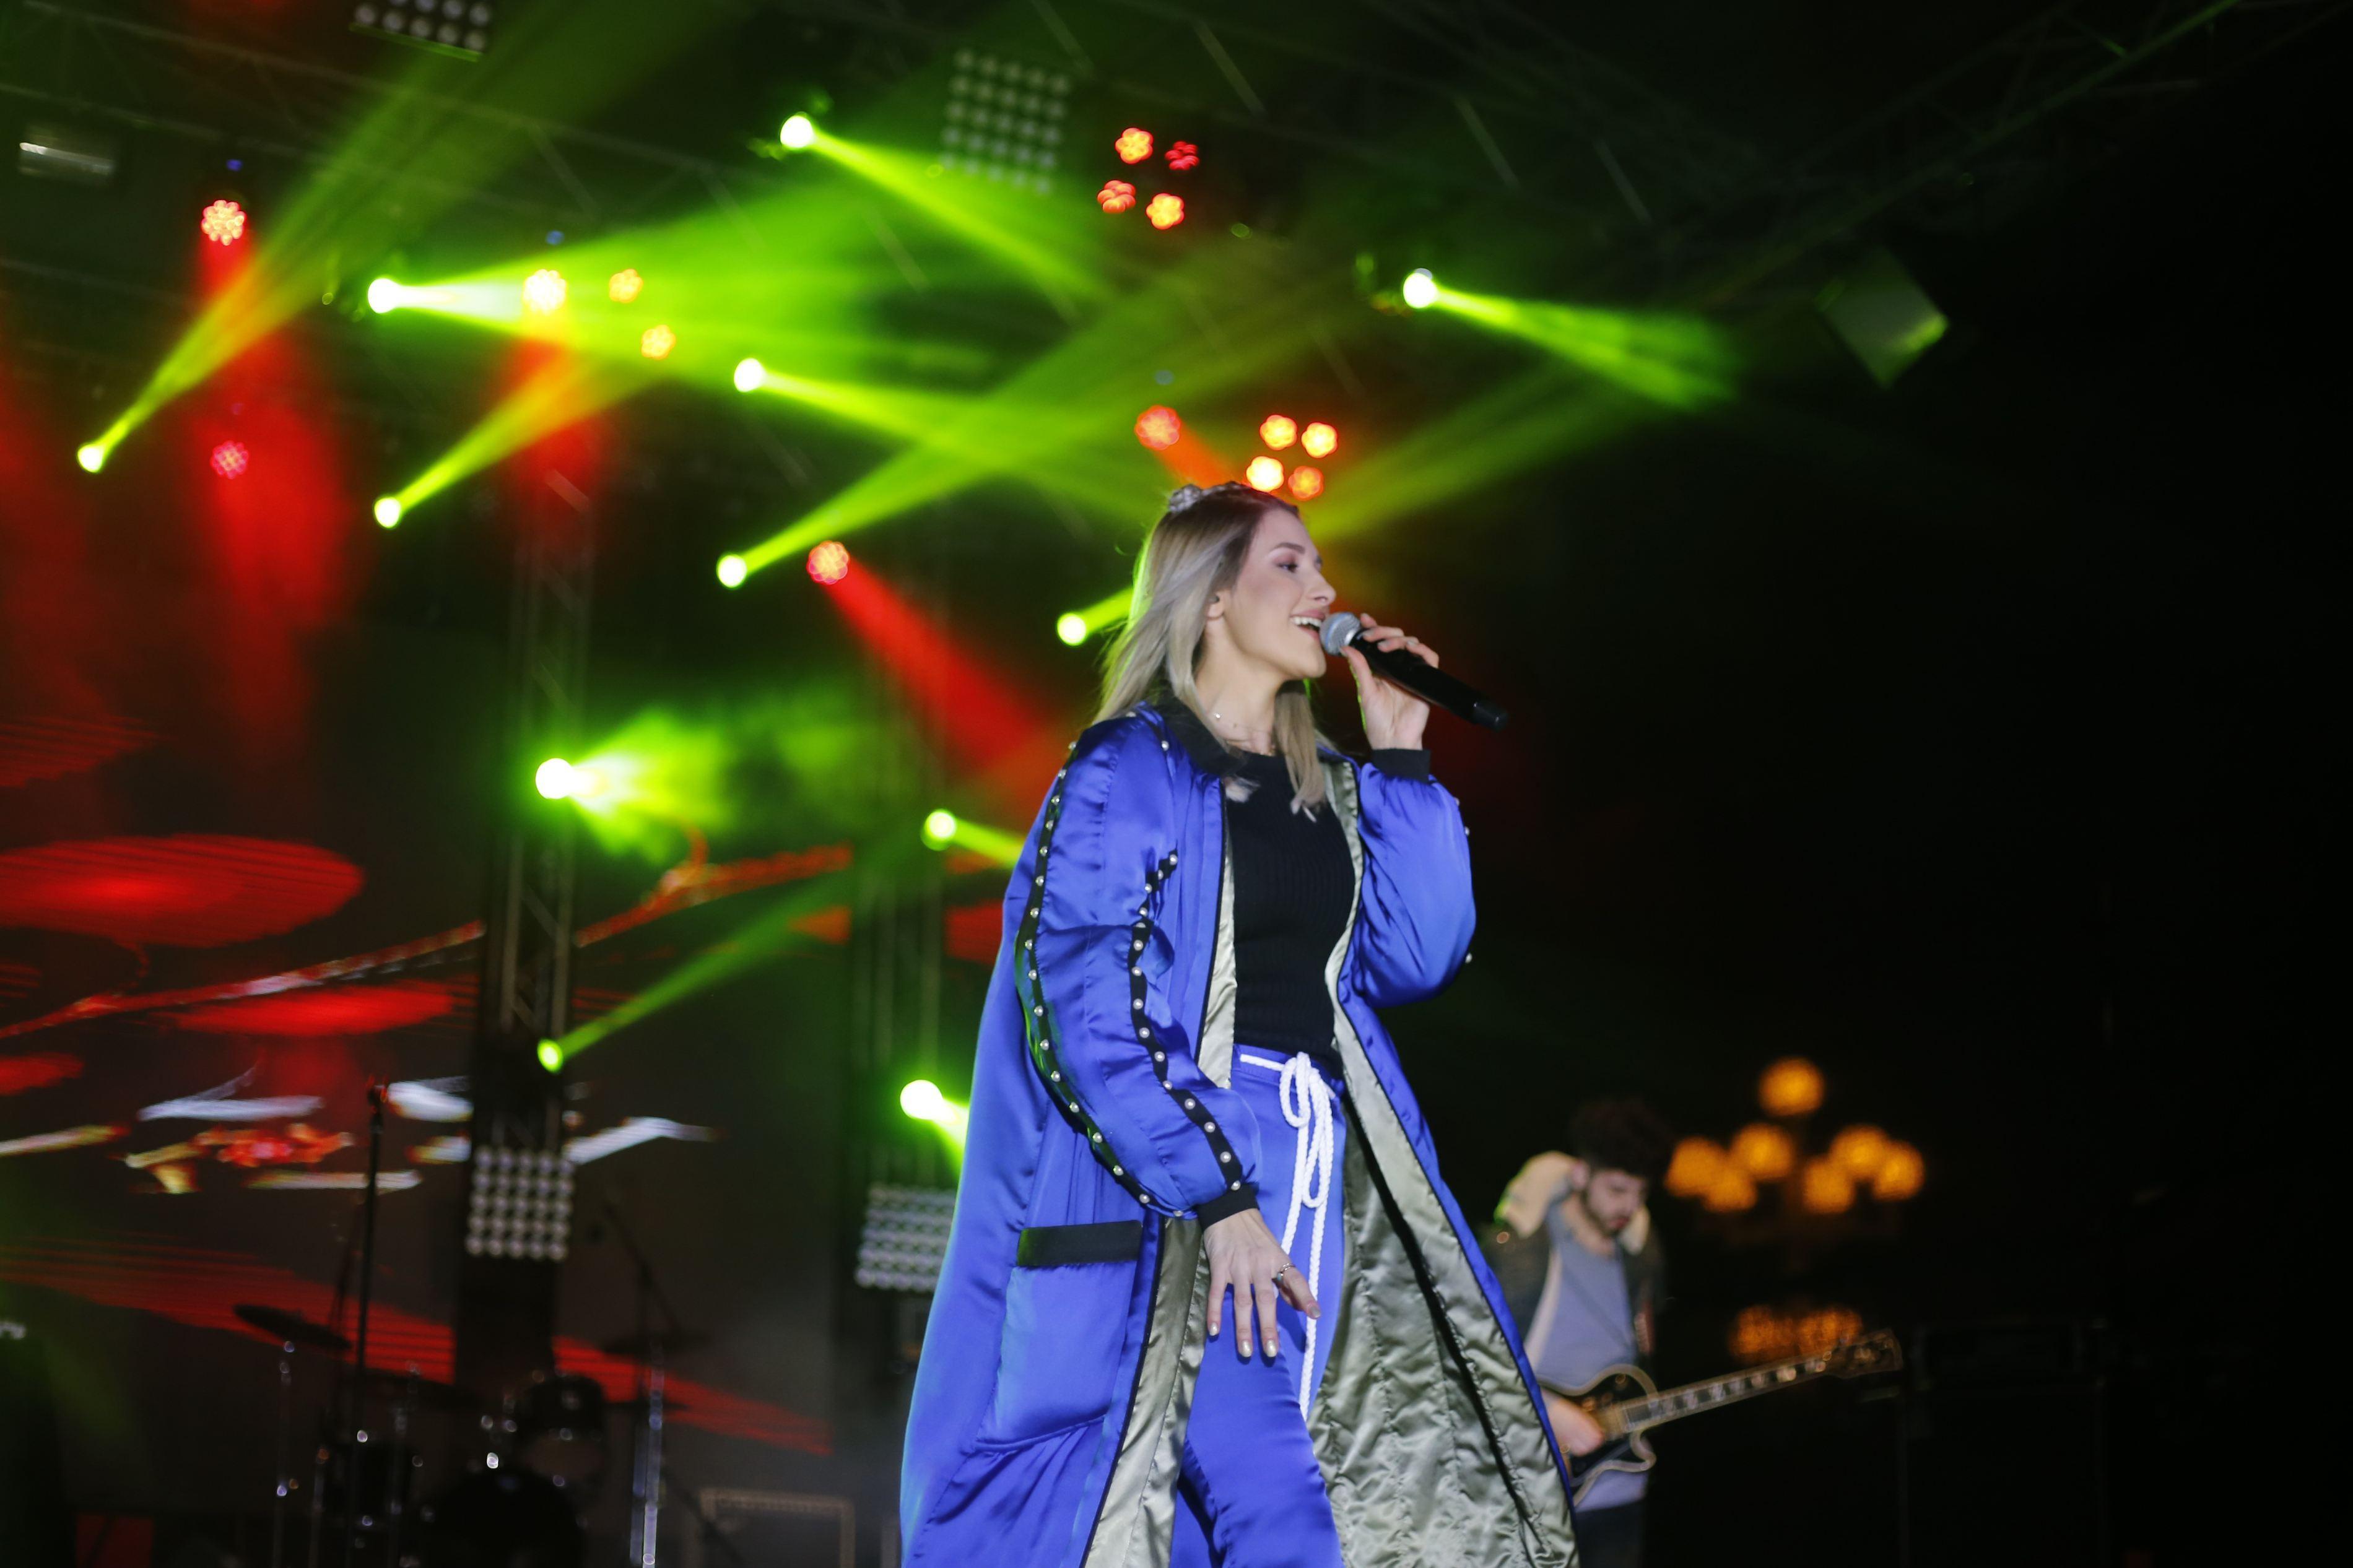 Alina Eremia, susținând un concert la deschiderea Targului de Craciun din Timisoara, în 2017